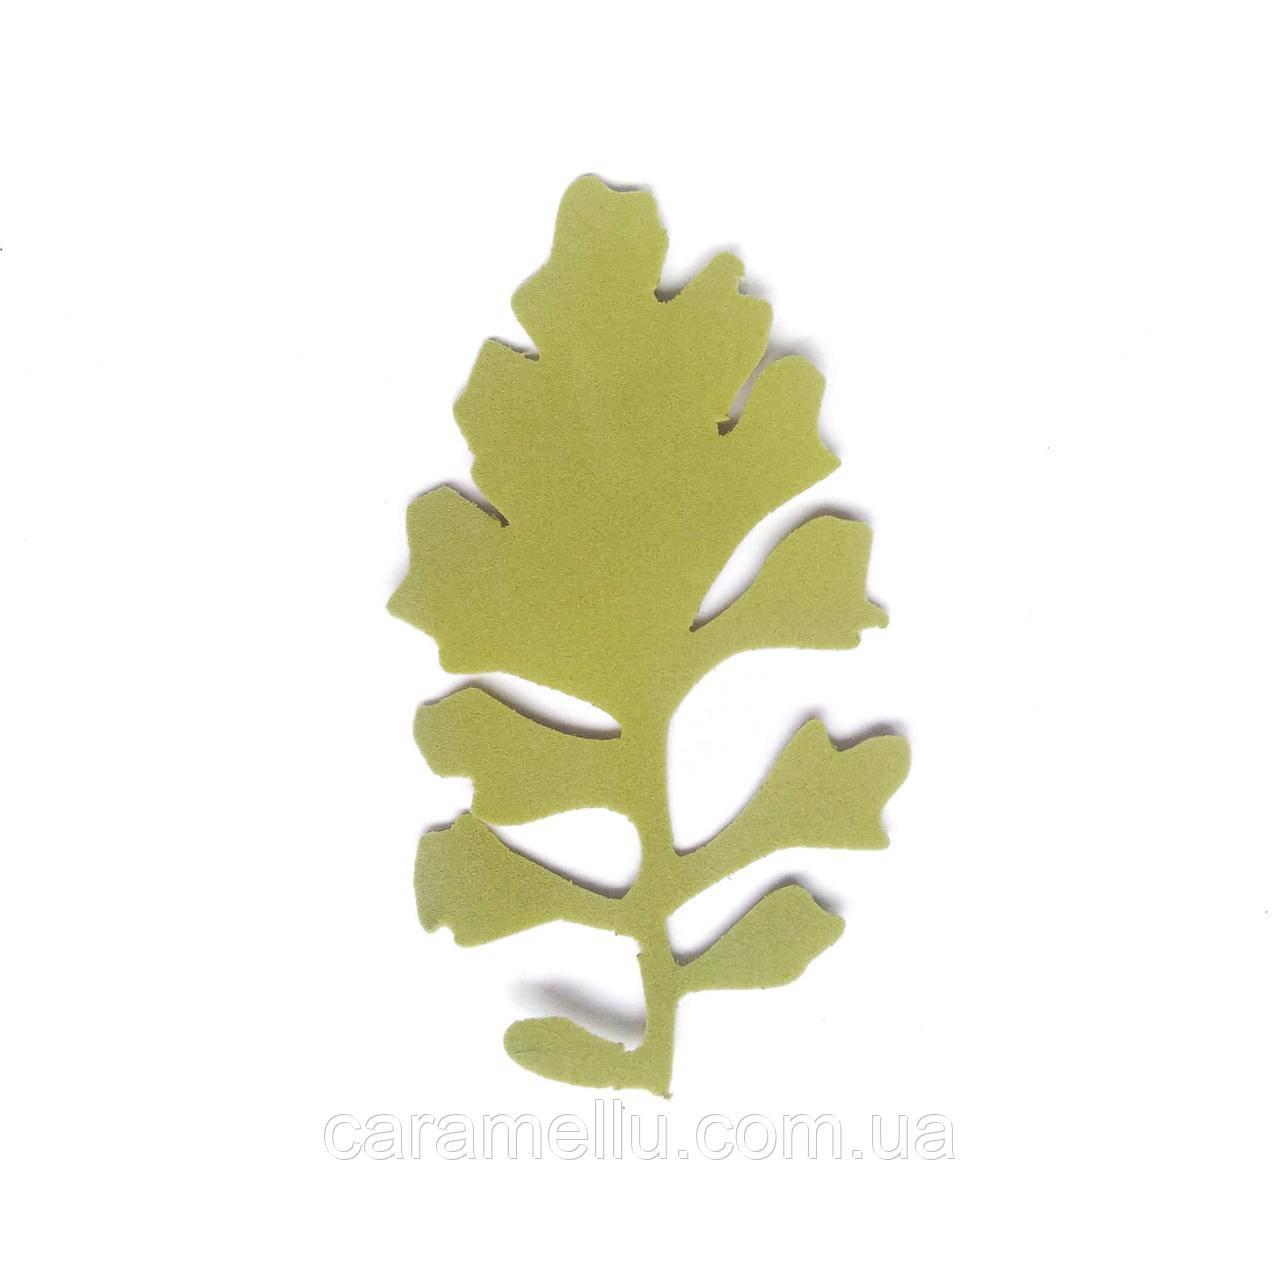 Лист цинерарии 9*5 см. Оливковый 173